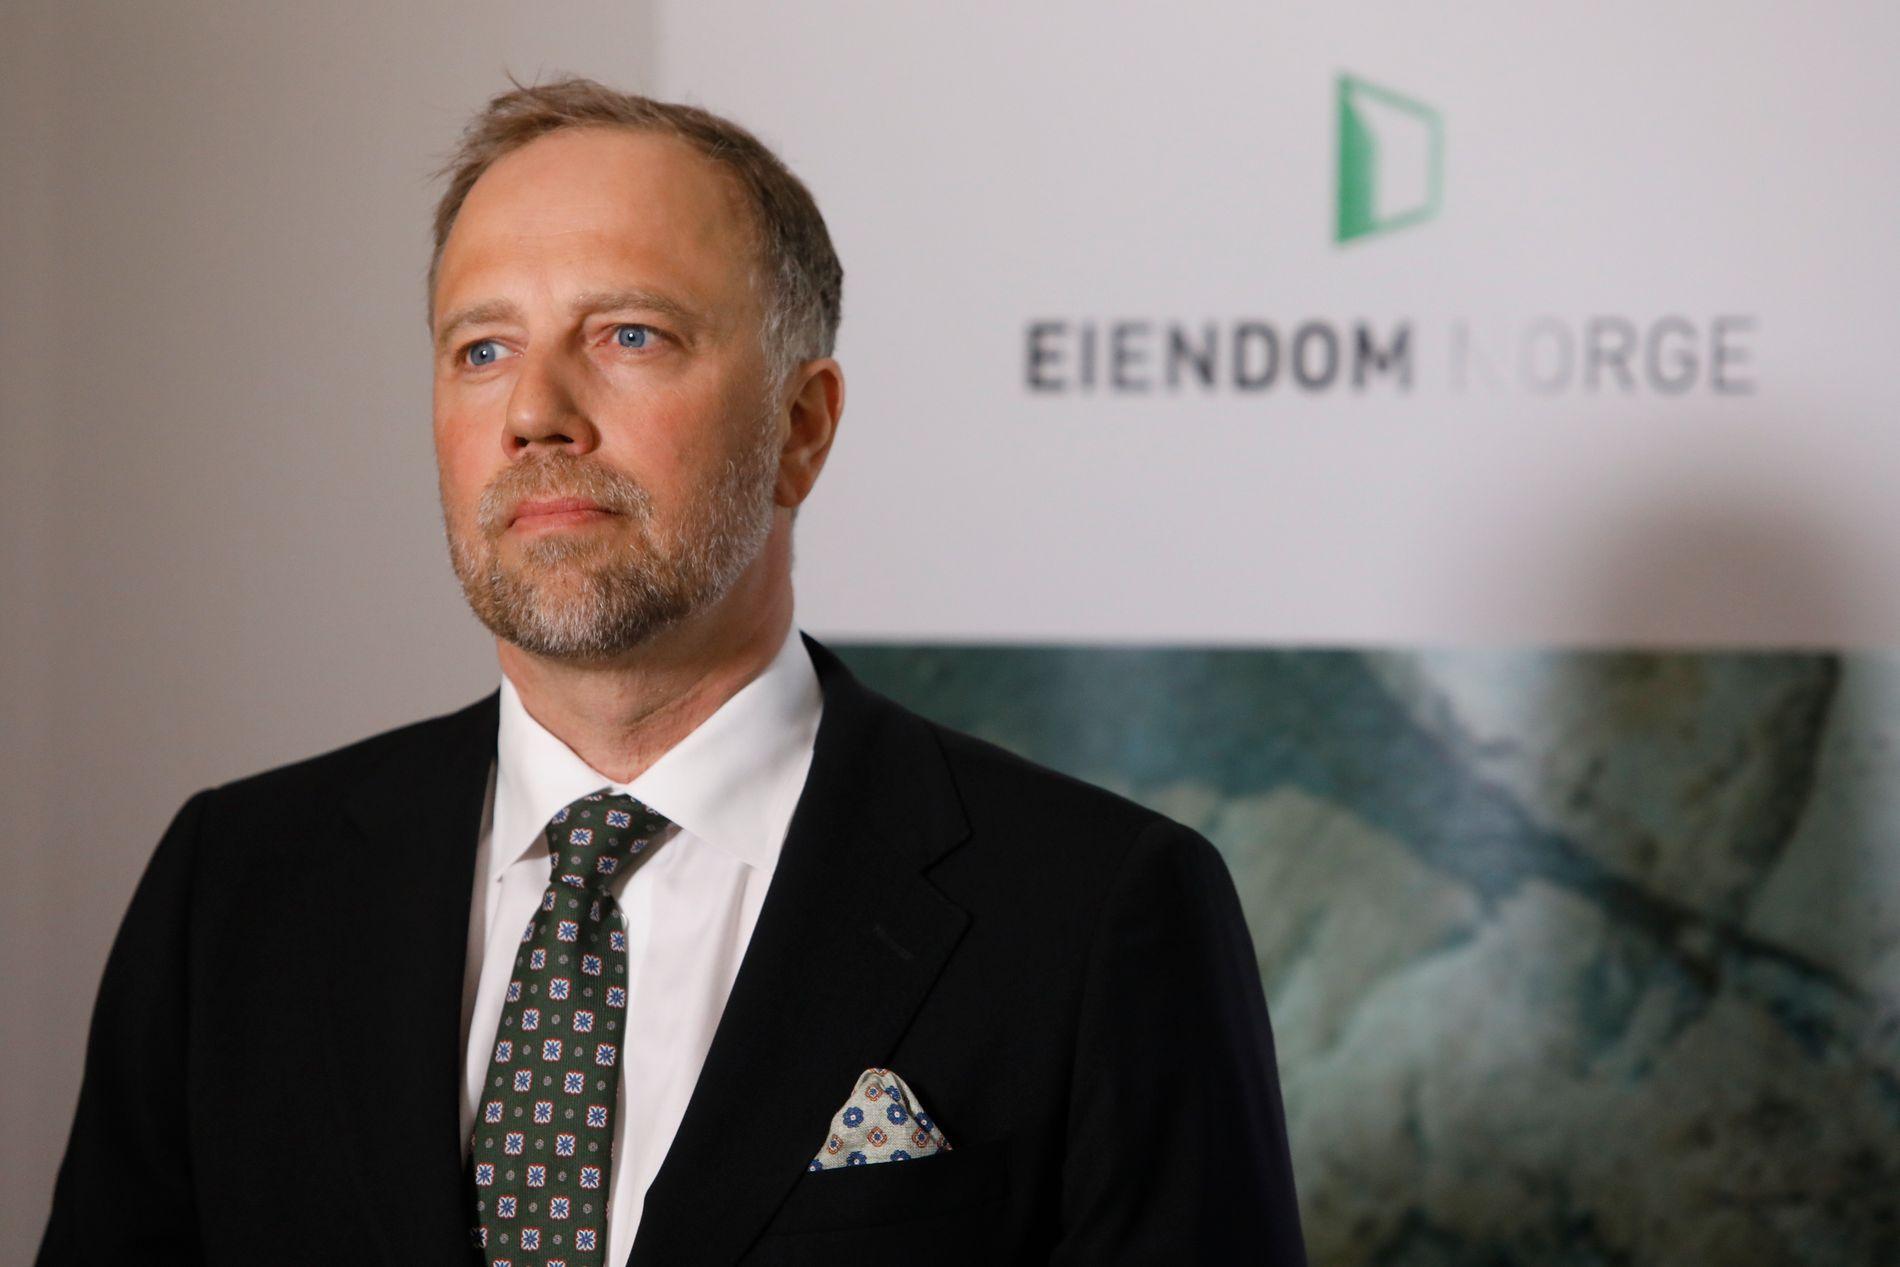 PRISENDRING: Christian Vammervold Dreyer og Eiendom Norge la frem boligprisene onsdag formiddag.